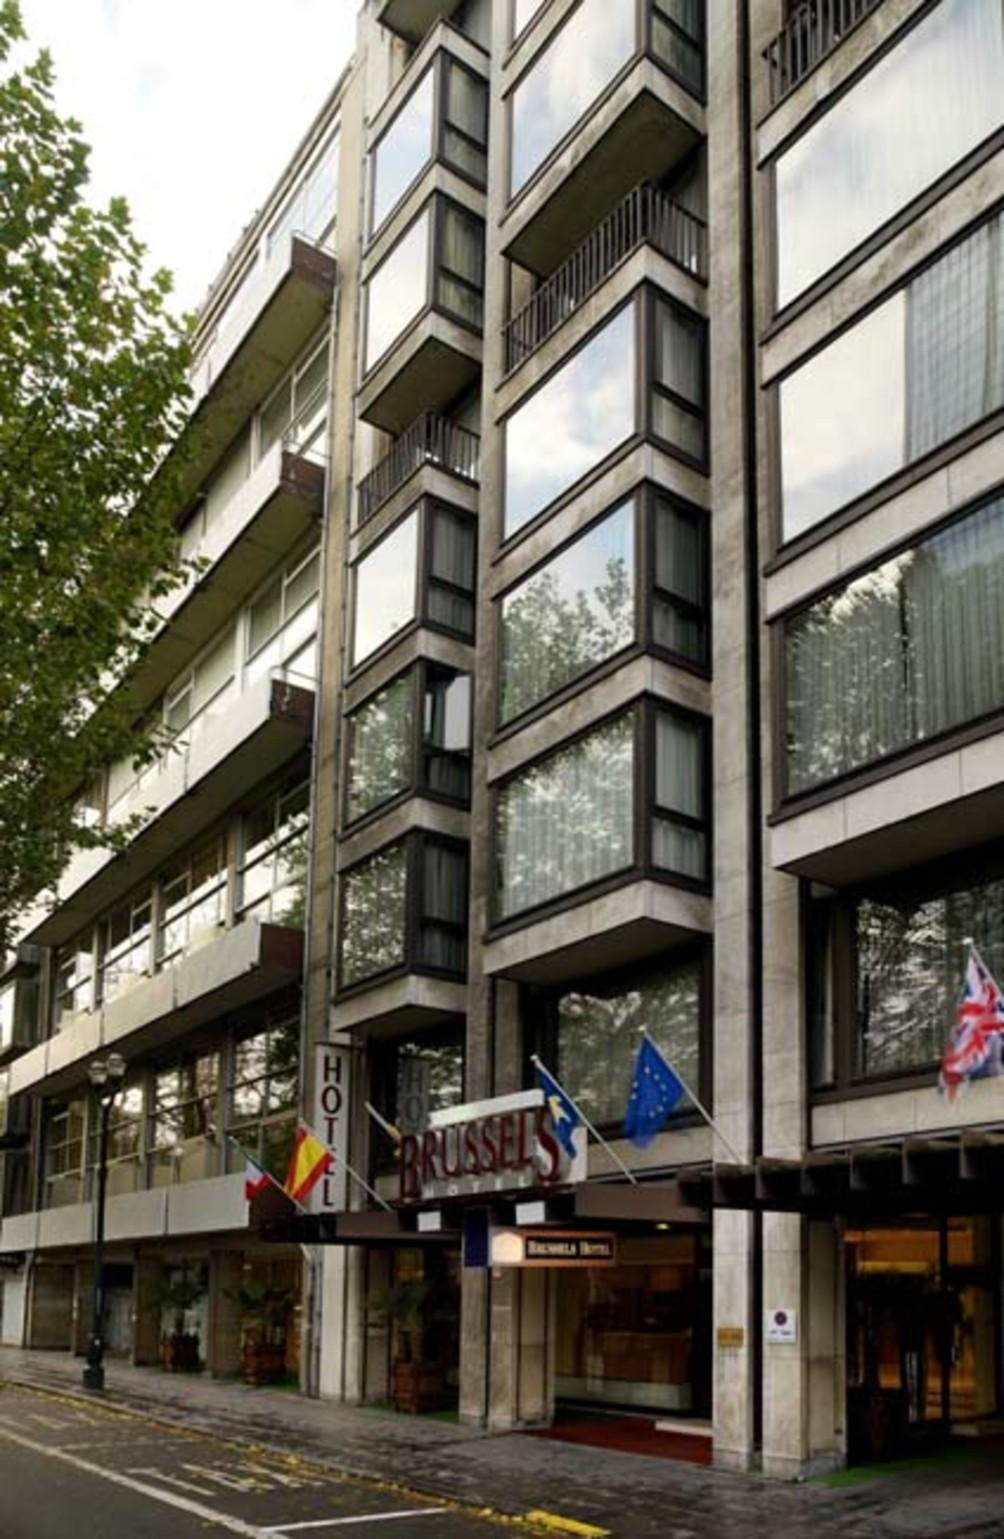 Hotel Brussels Belgium thumb-2